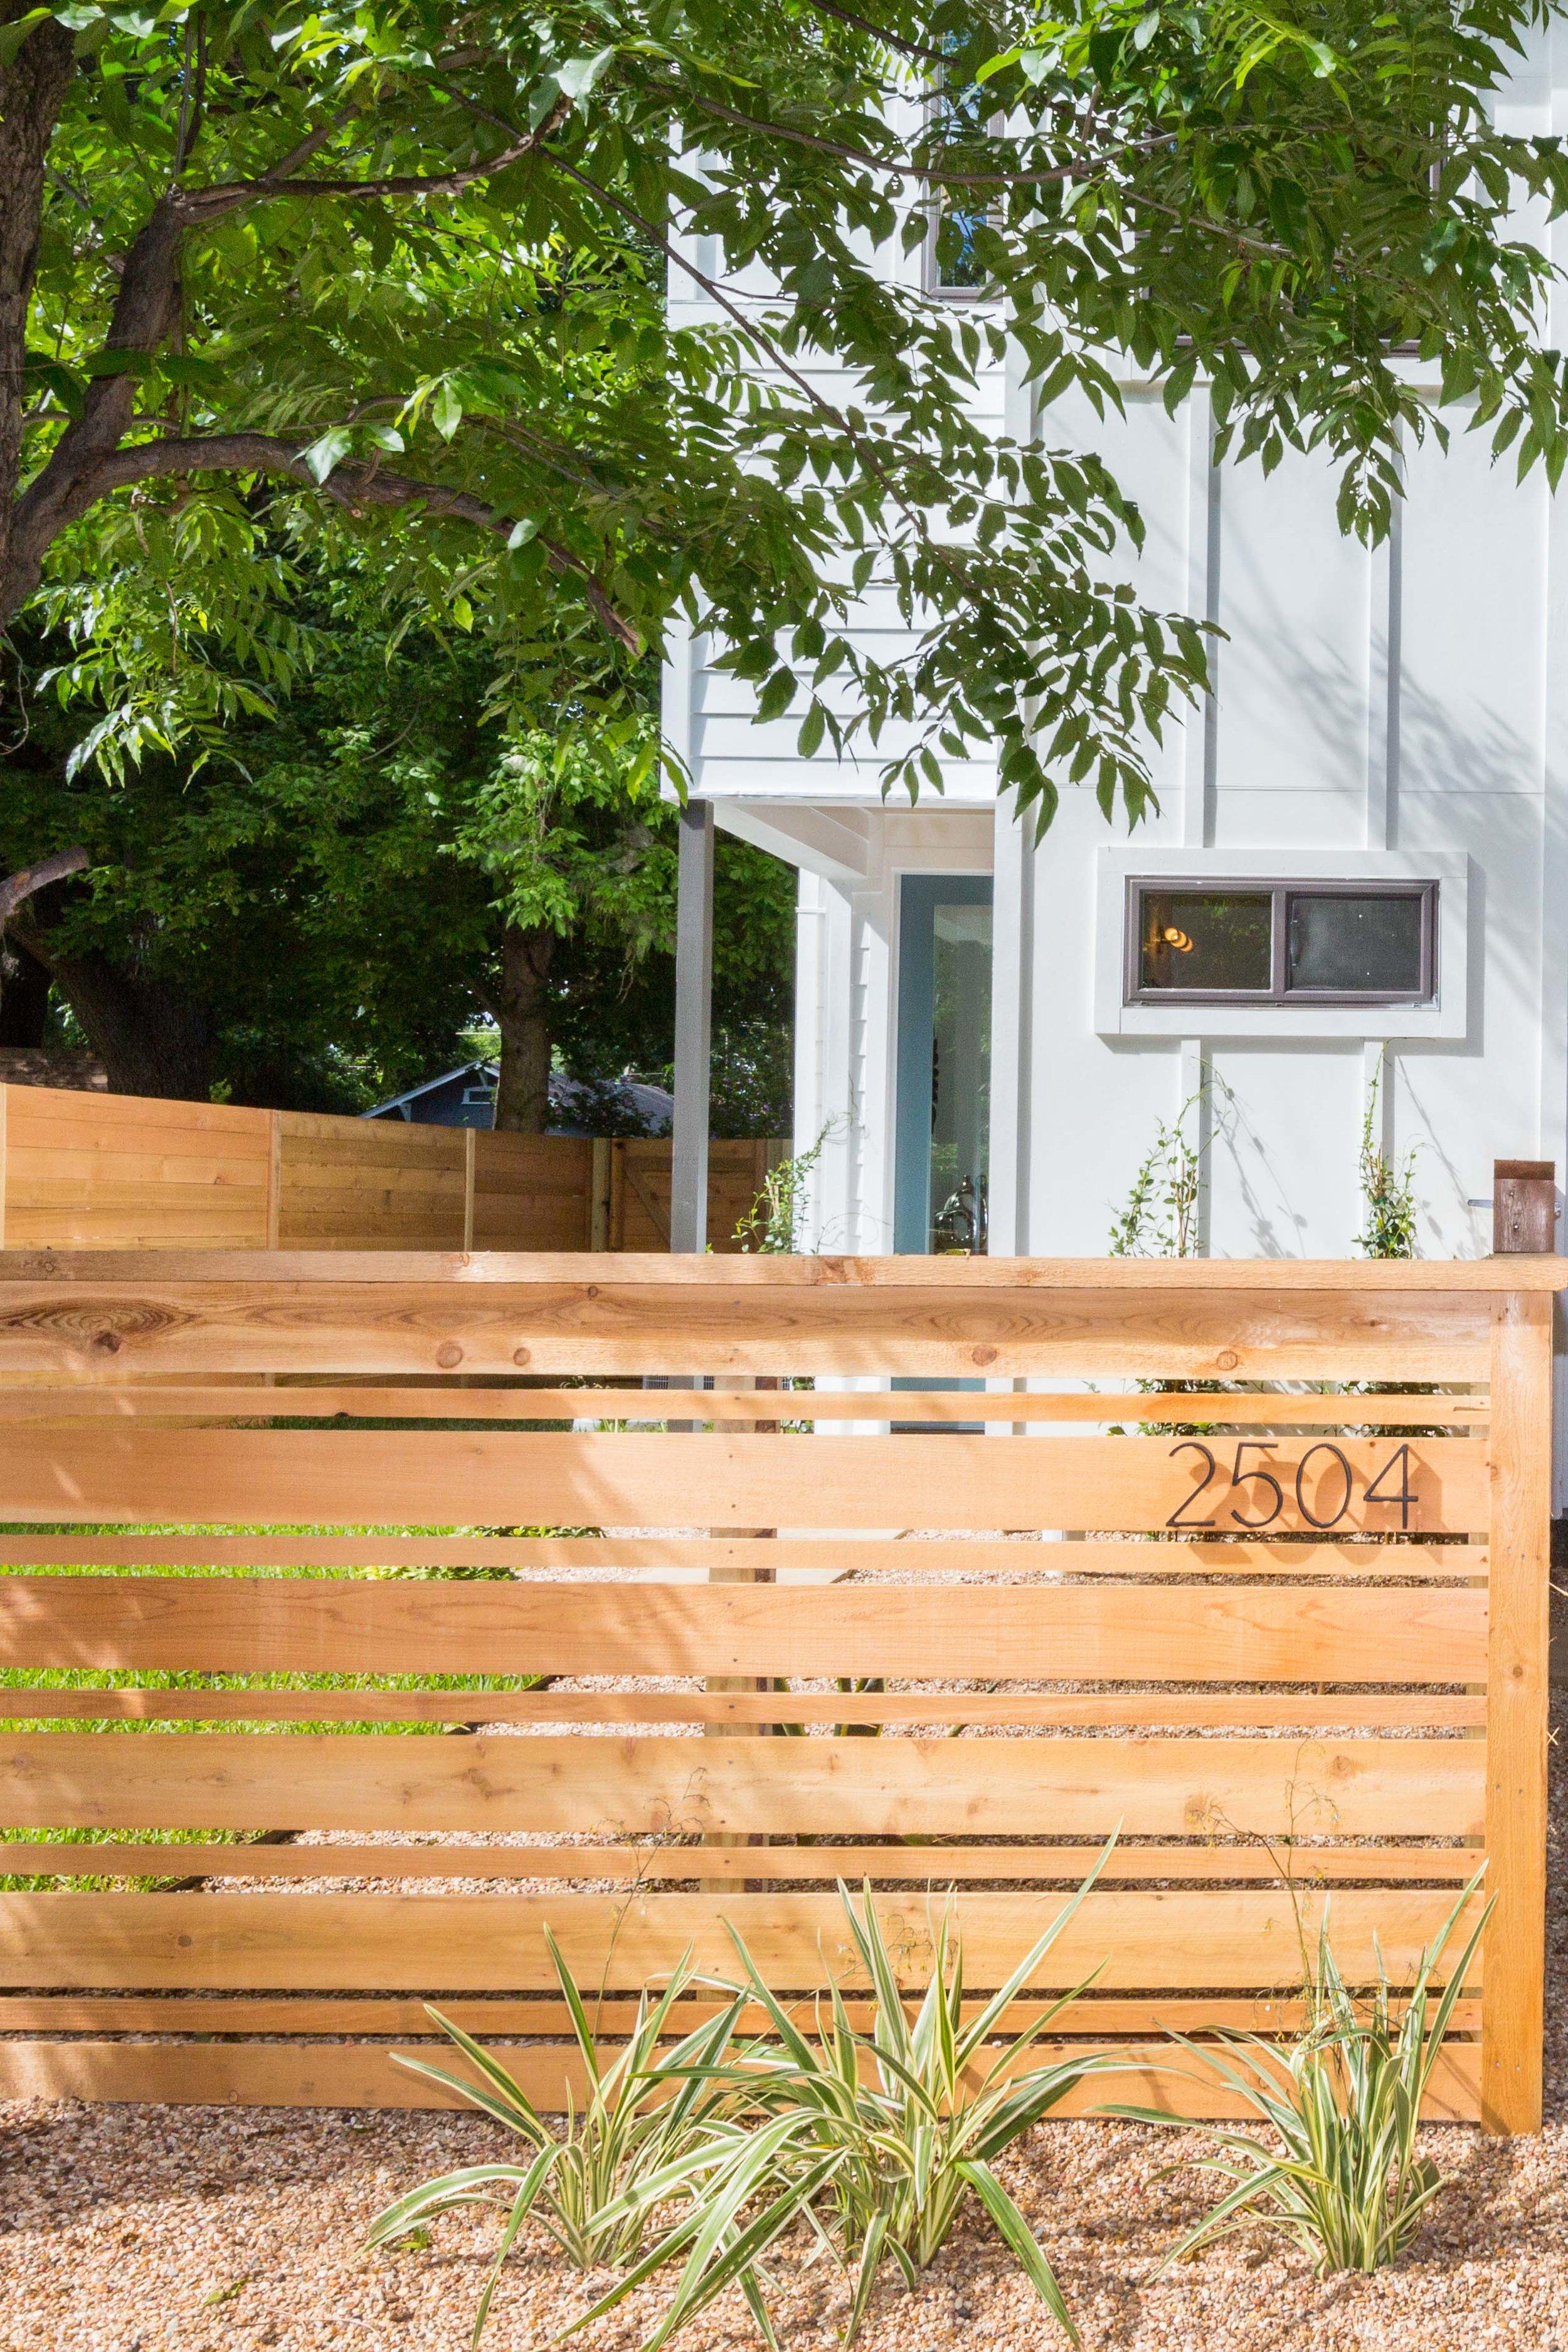 2504_WillowB_-_East_Austin_Alley_House_Modern_Cottage-9925[1].jpg